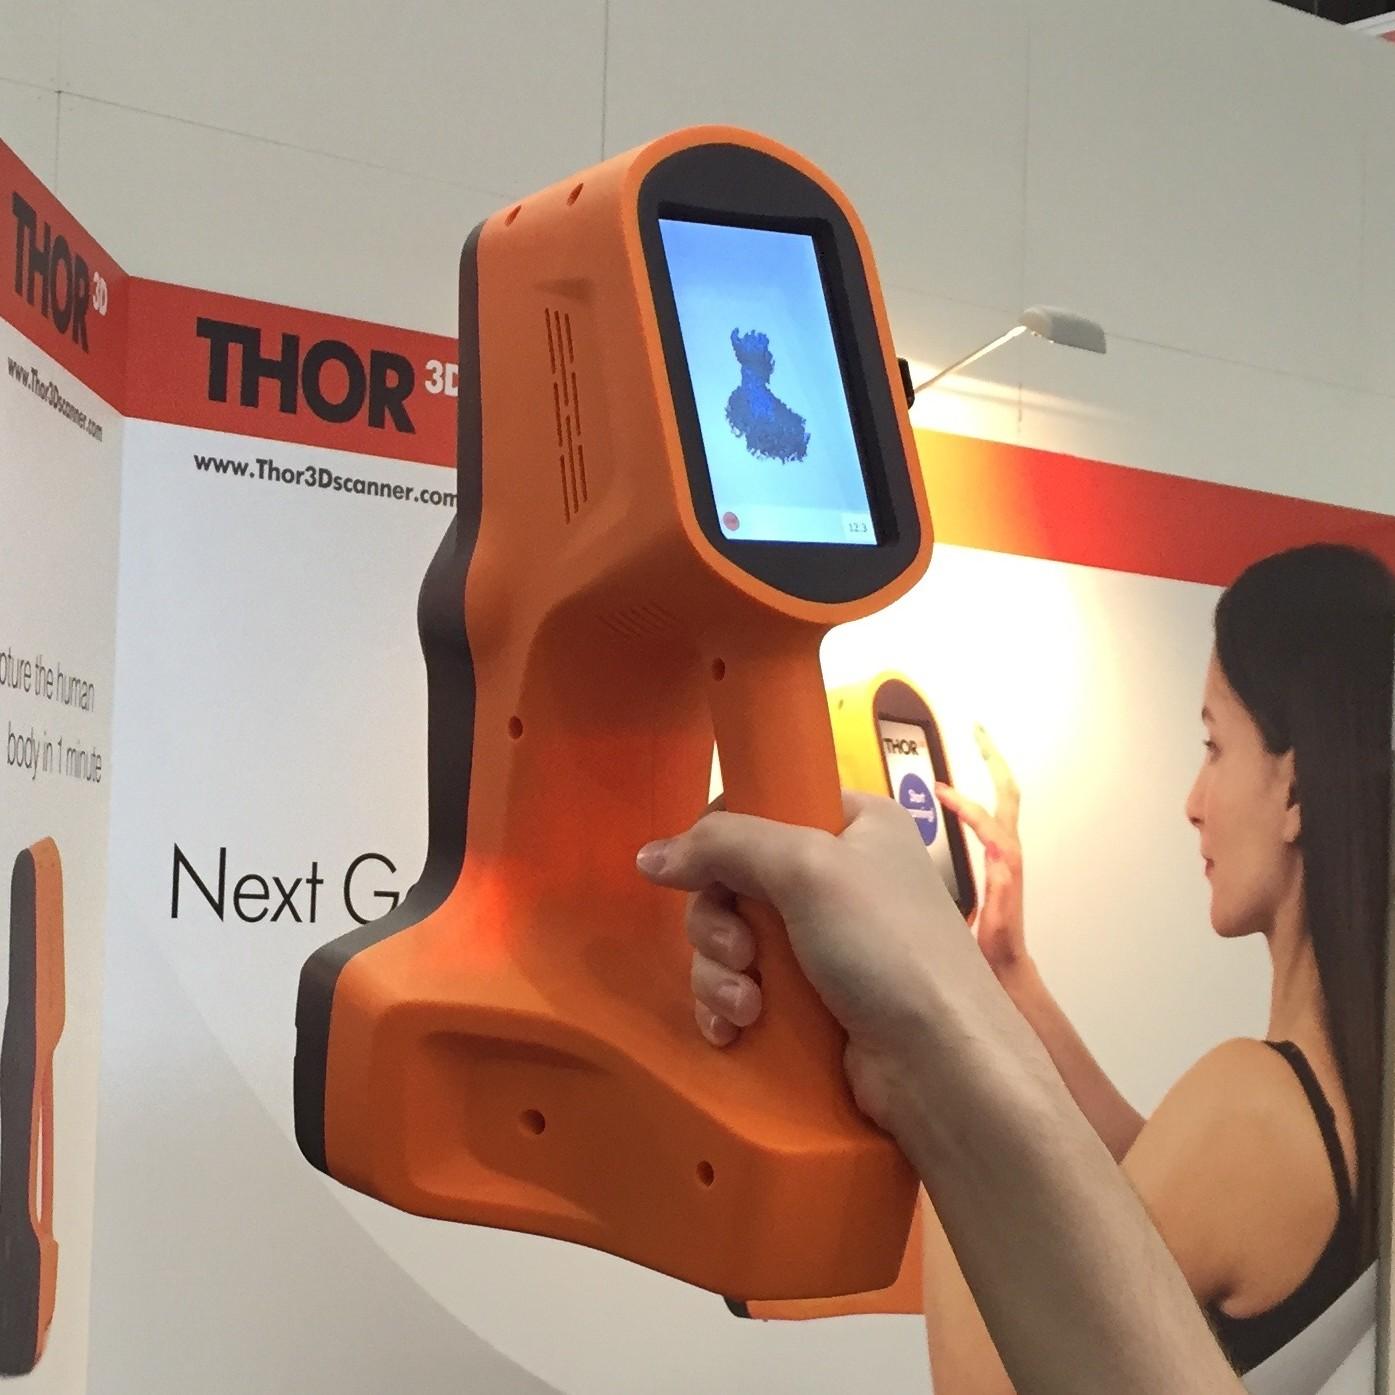 Live at Euromold: Thor Handheld 3D Scanner Challenges Artec EVA